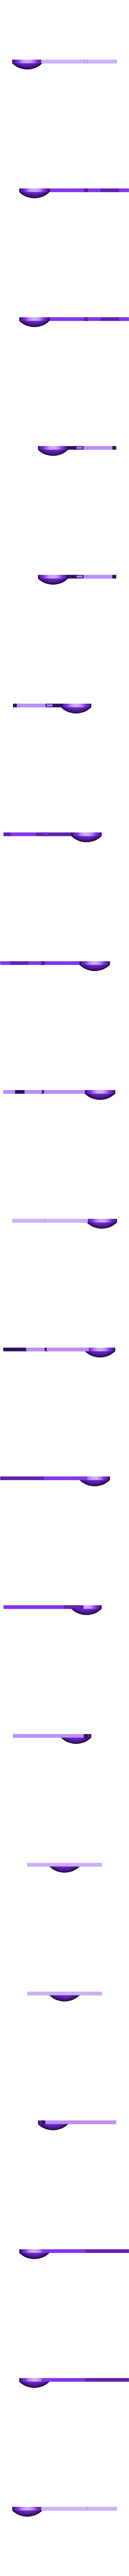 catapulte.STL Télécharger fichier STL Catabasket (jeu d'équipe,soirée,famille) • Modèle à imprimer en 3D, Gael_B